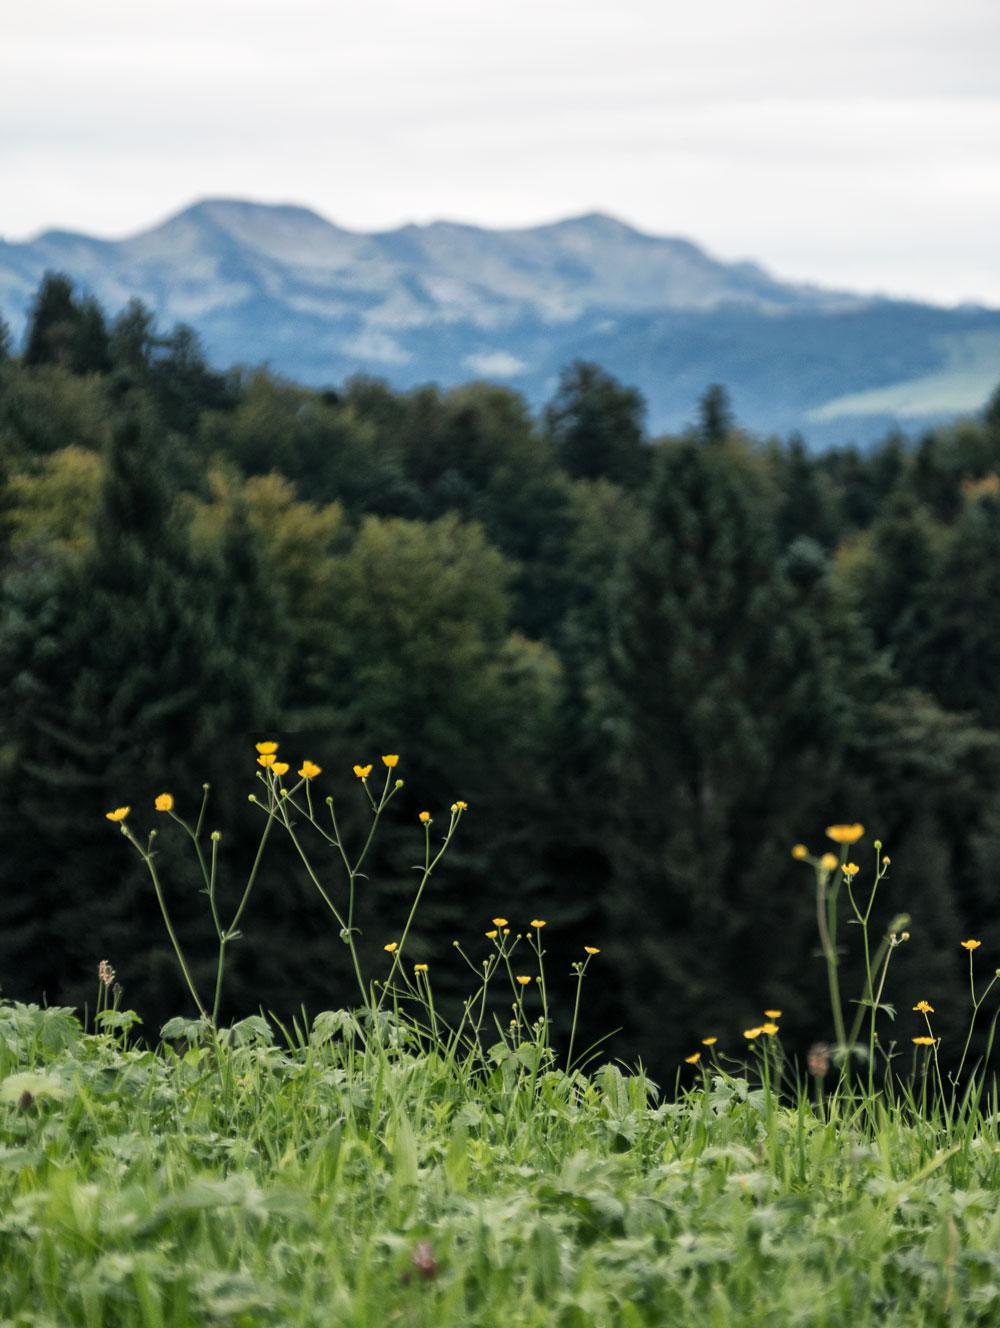 Mose vandring i Østrig / Walking the moors of Krumbach in Austria